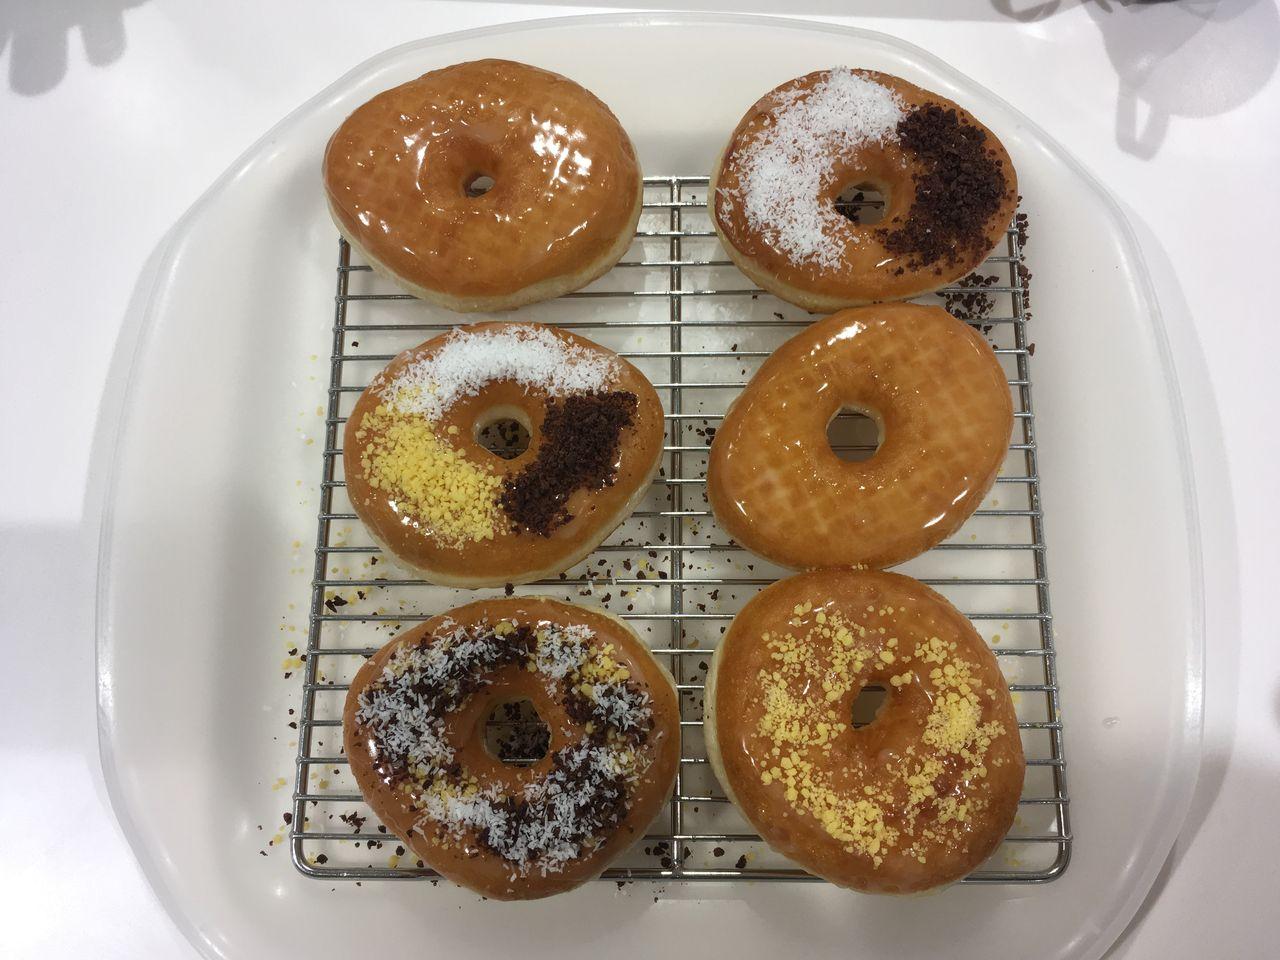 ドーナツ作り体験24